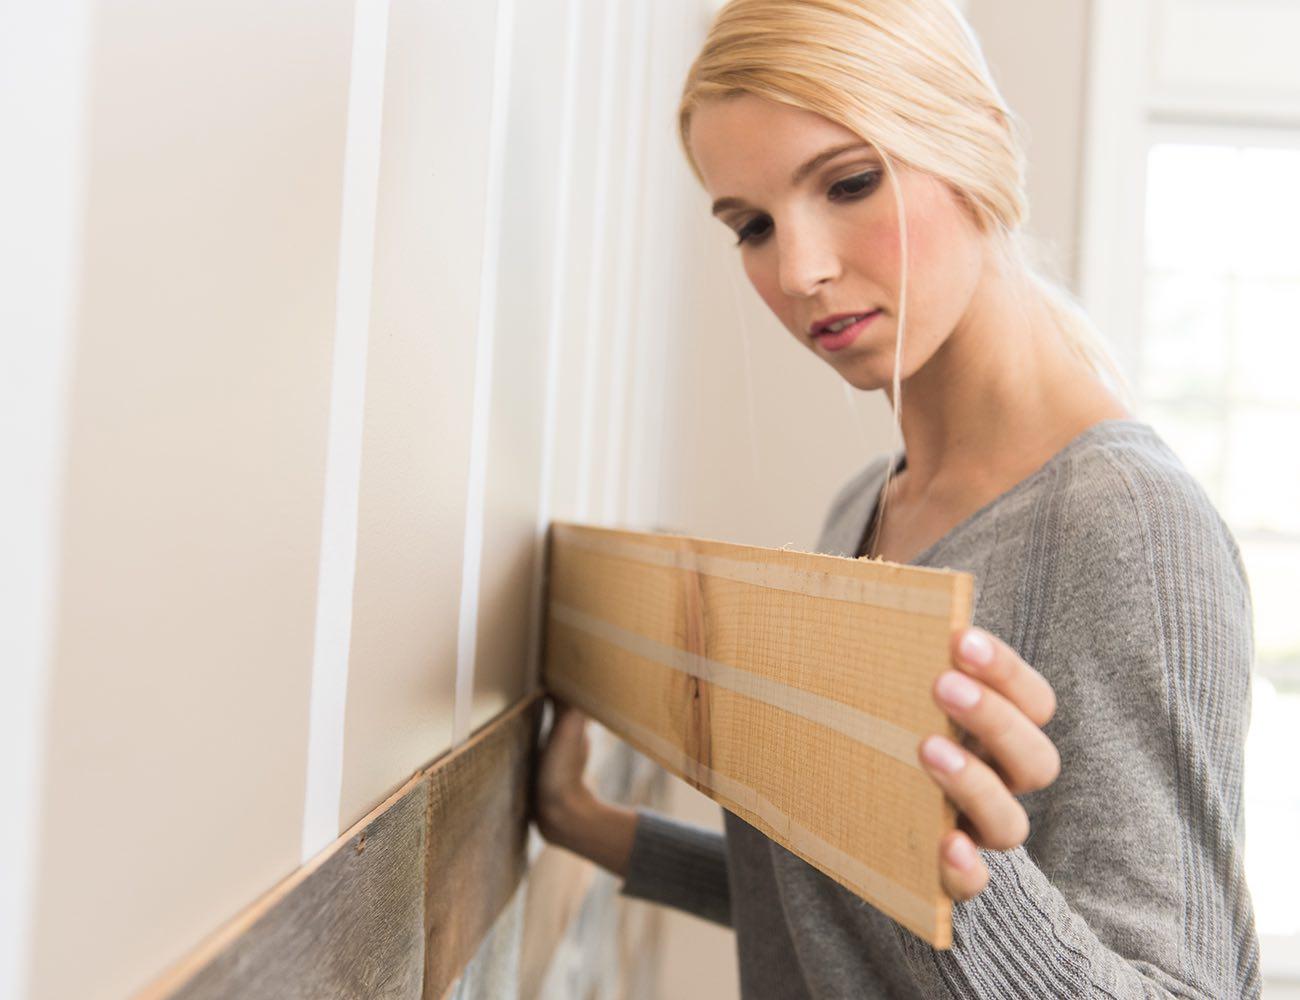 Artis Wall – Removable and Reusable Wall Planks